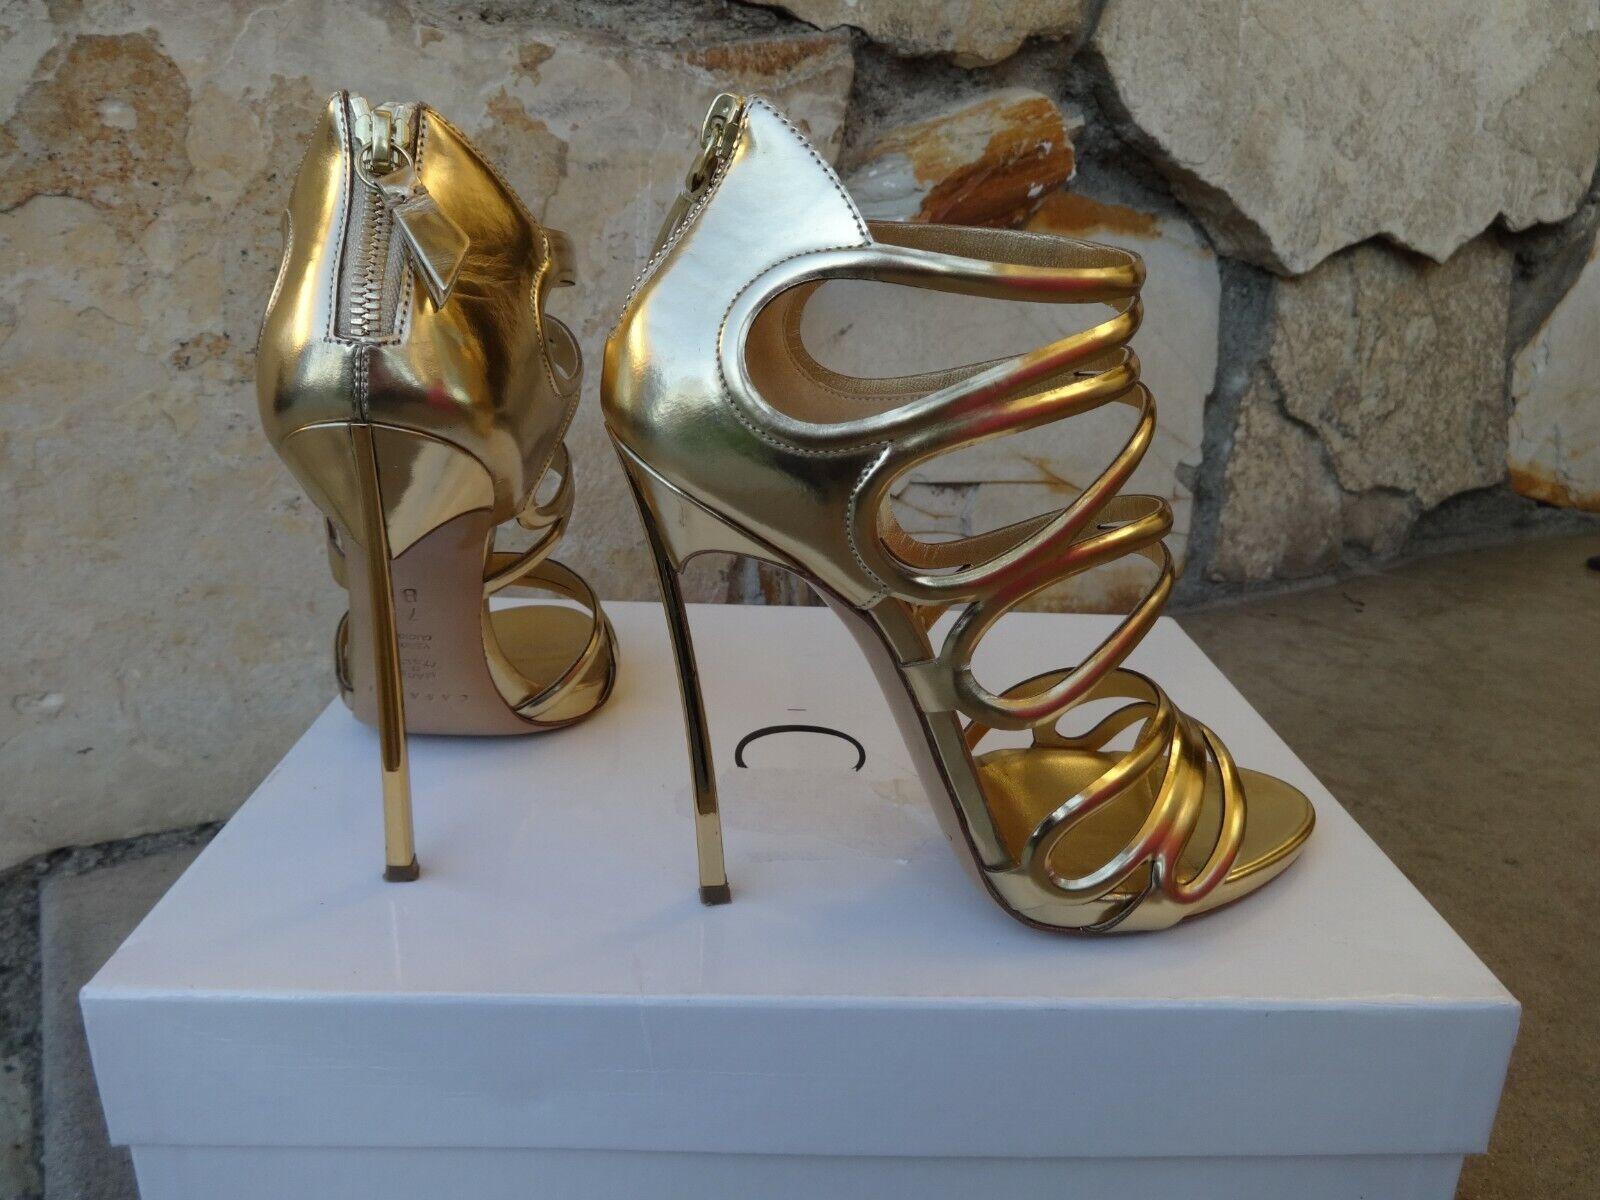 Casadei Blade Cage Strapped oro Sandali UE  Dimensione 7  negozio online outlet